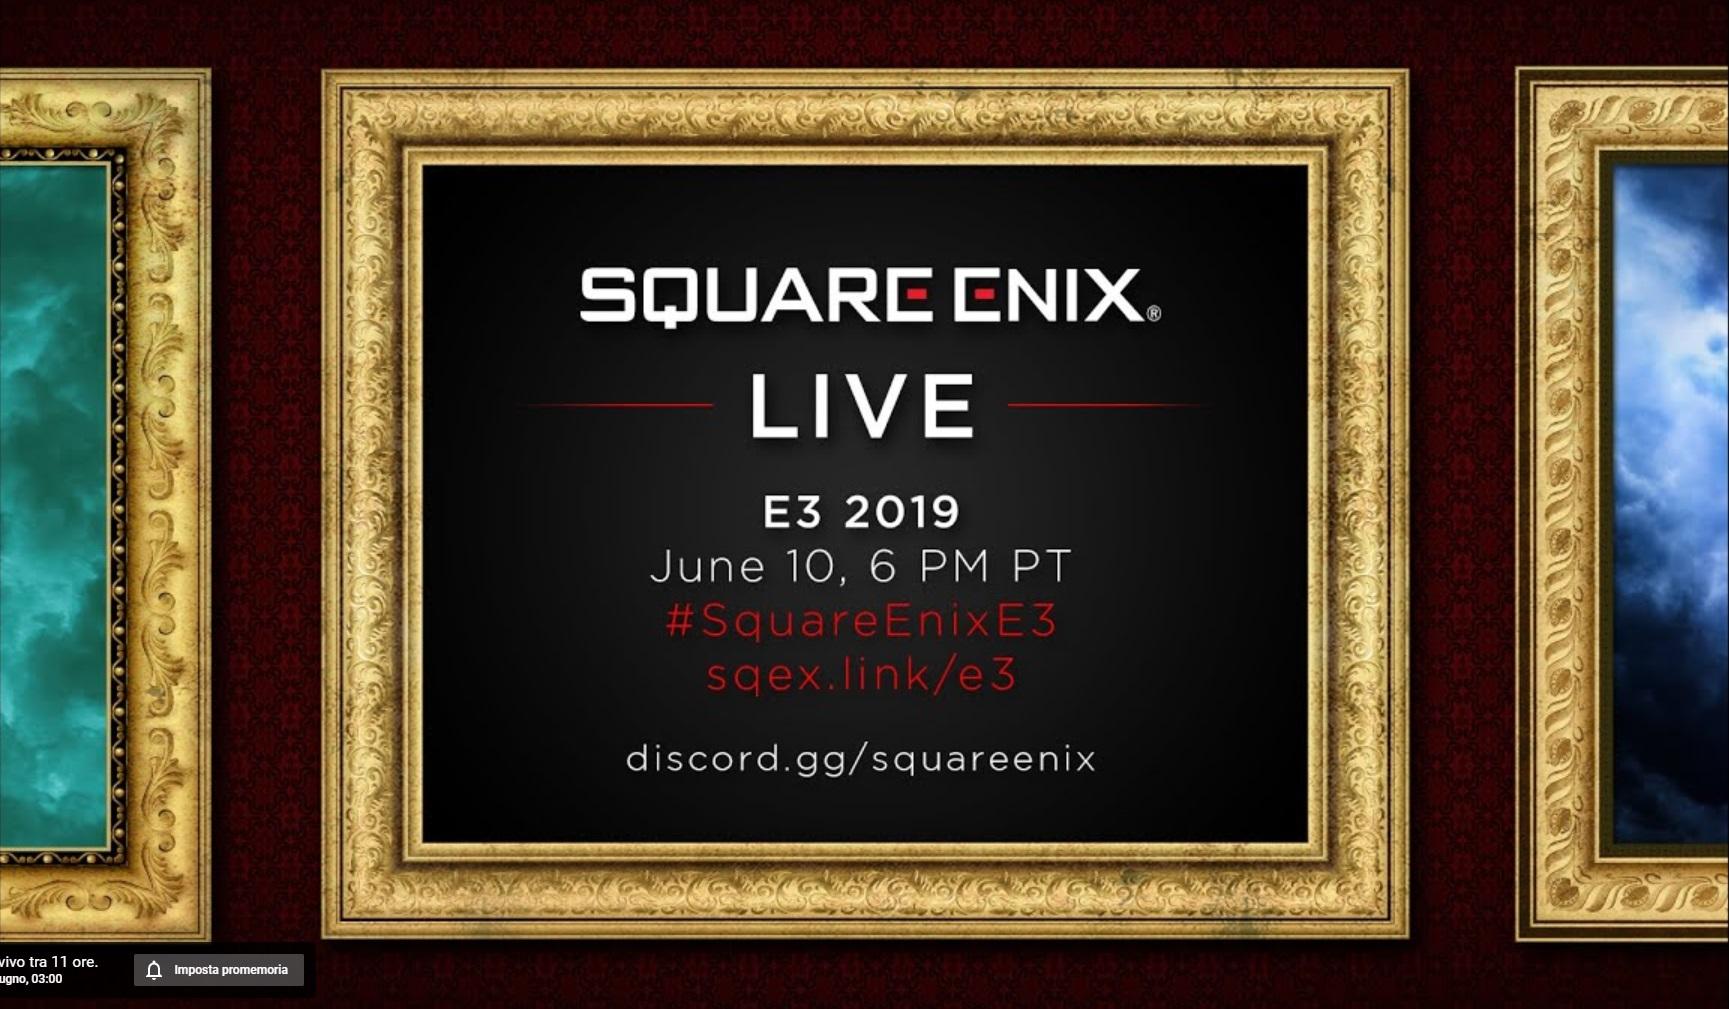 Segui in diretta la conferenza Square Enix Live all'E3 2019!